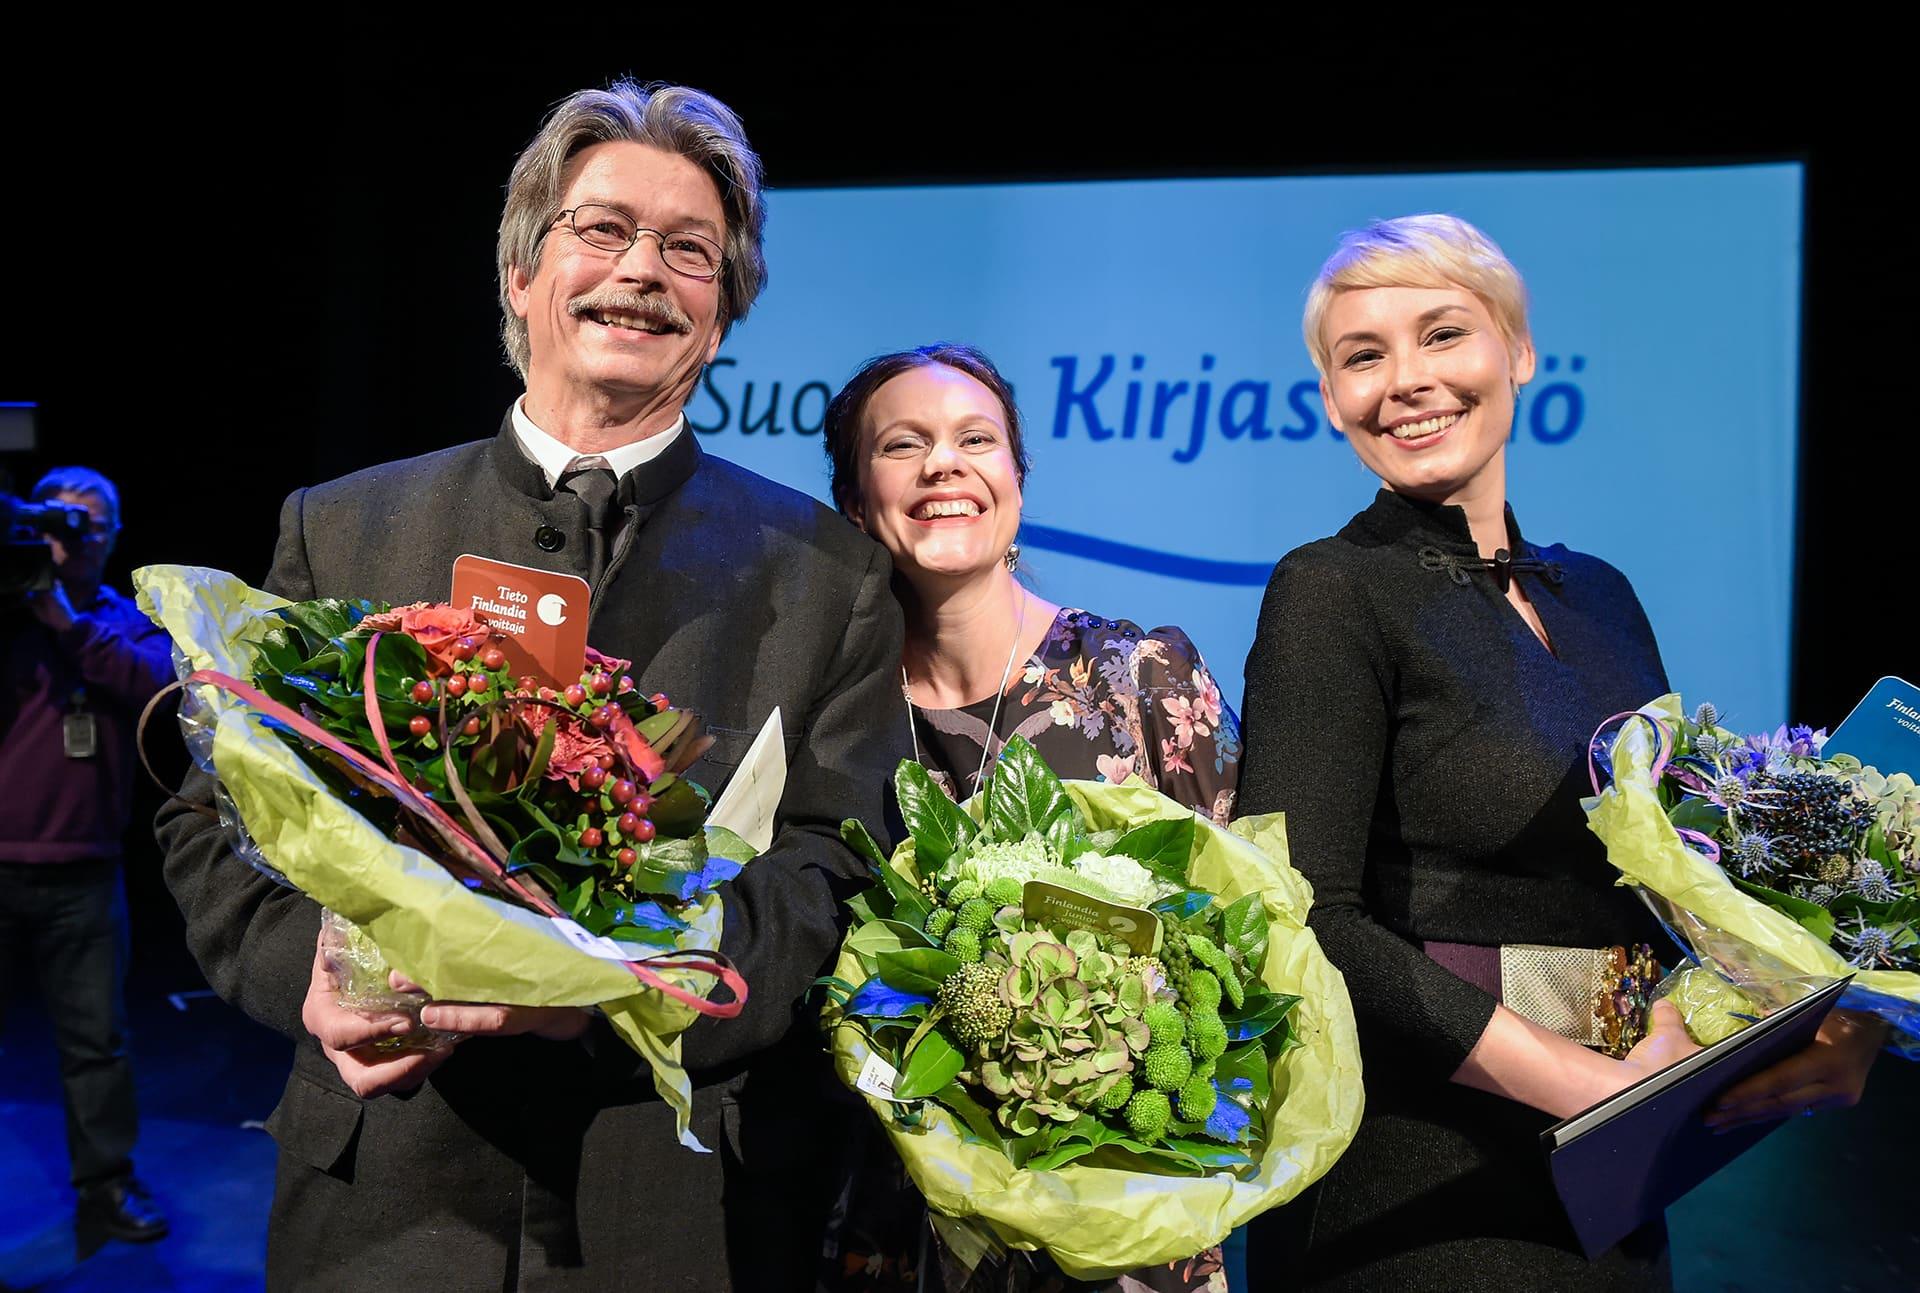 Kuvassa viime vuoden voittajat. Tieto-Finlandian voittaja Tapio Tamminen, Finlandia Junior voittaja Nadja Sumanen ja Finlandia -palkinnon voittaja Laura Lindstedt.